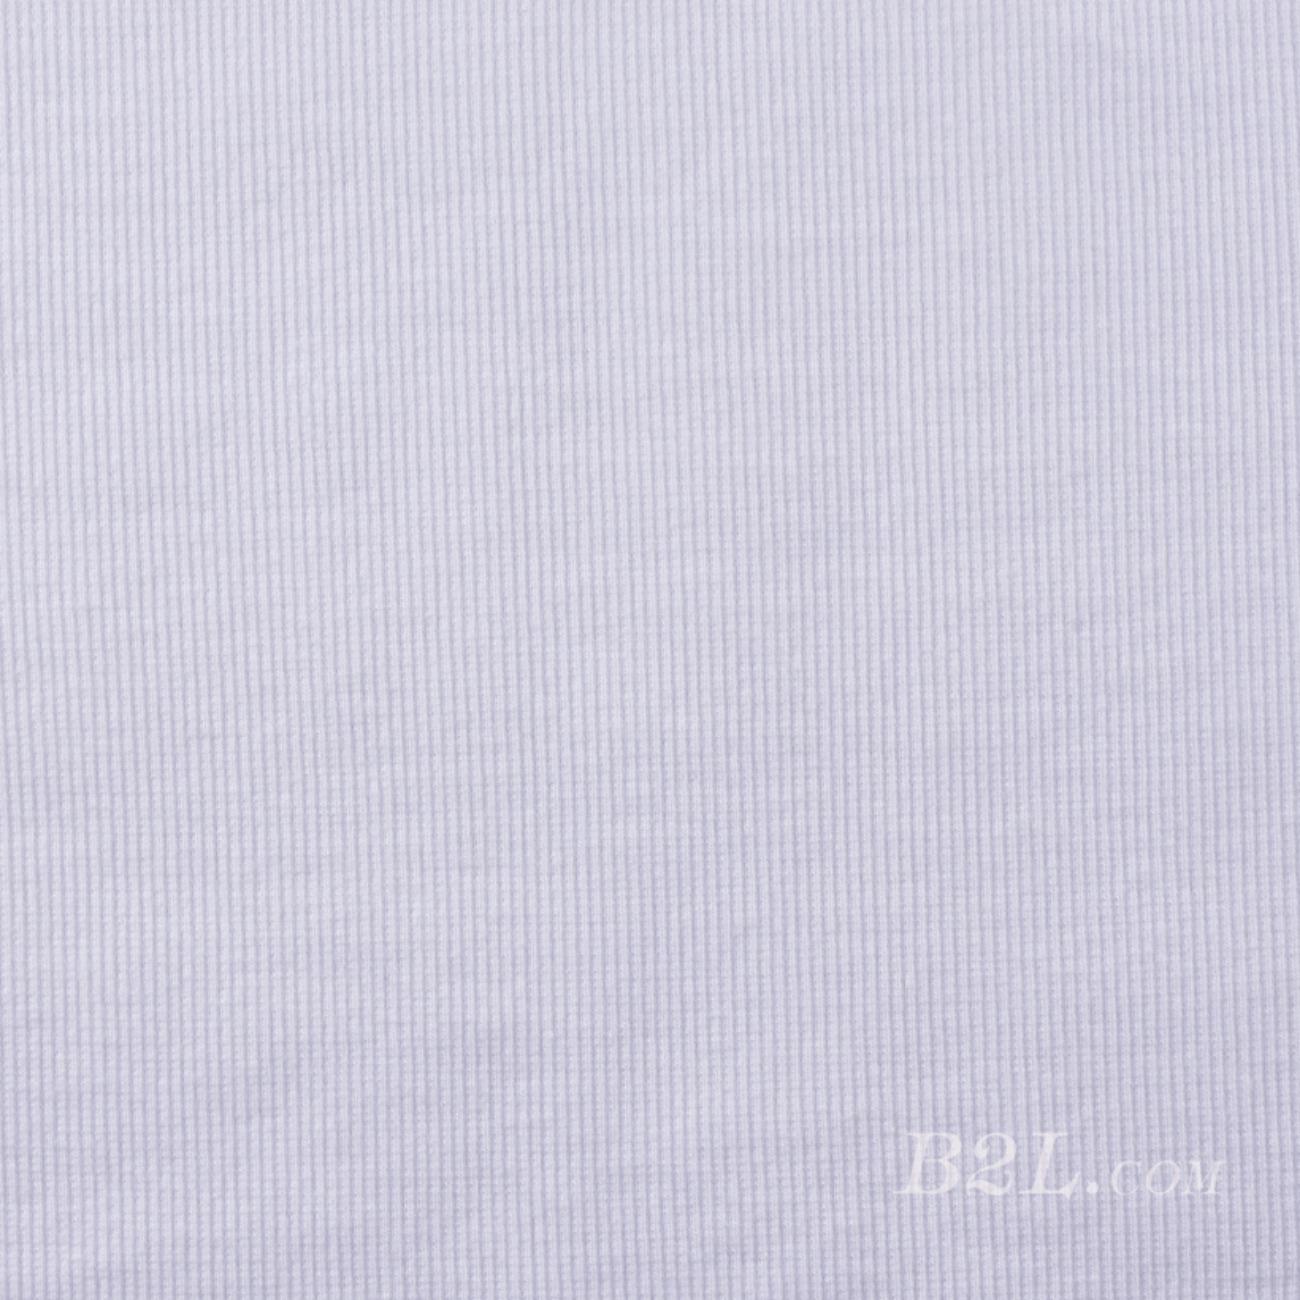 针织染色素色面料-春秋外套卫衣面料Z101